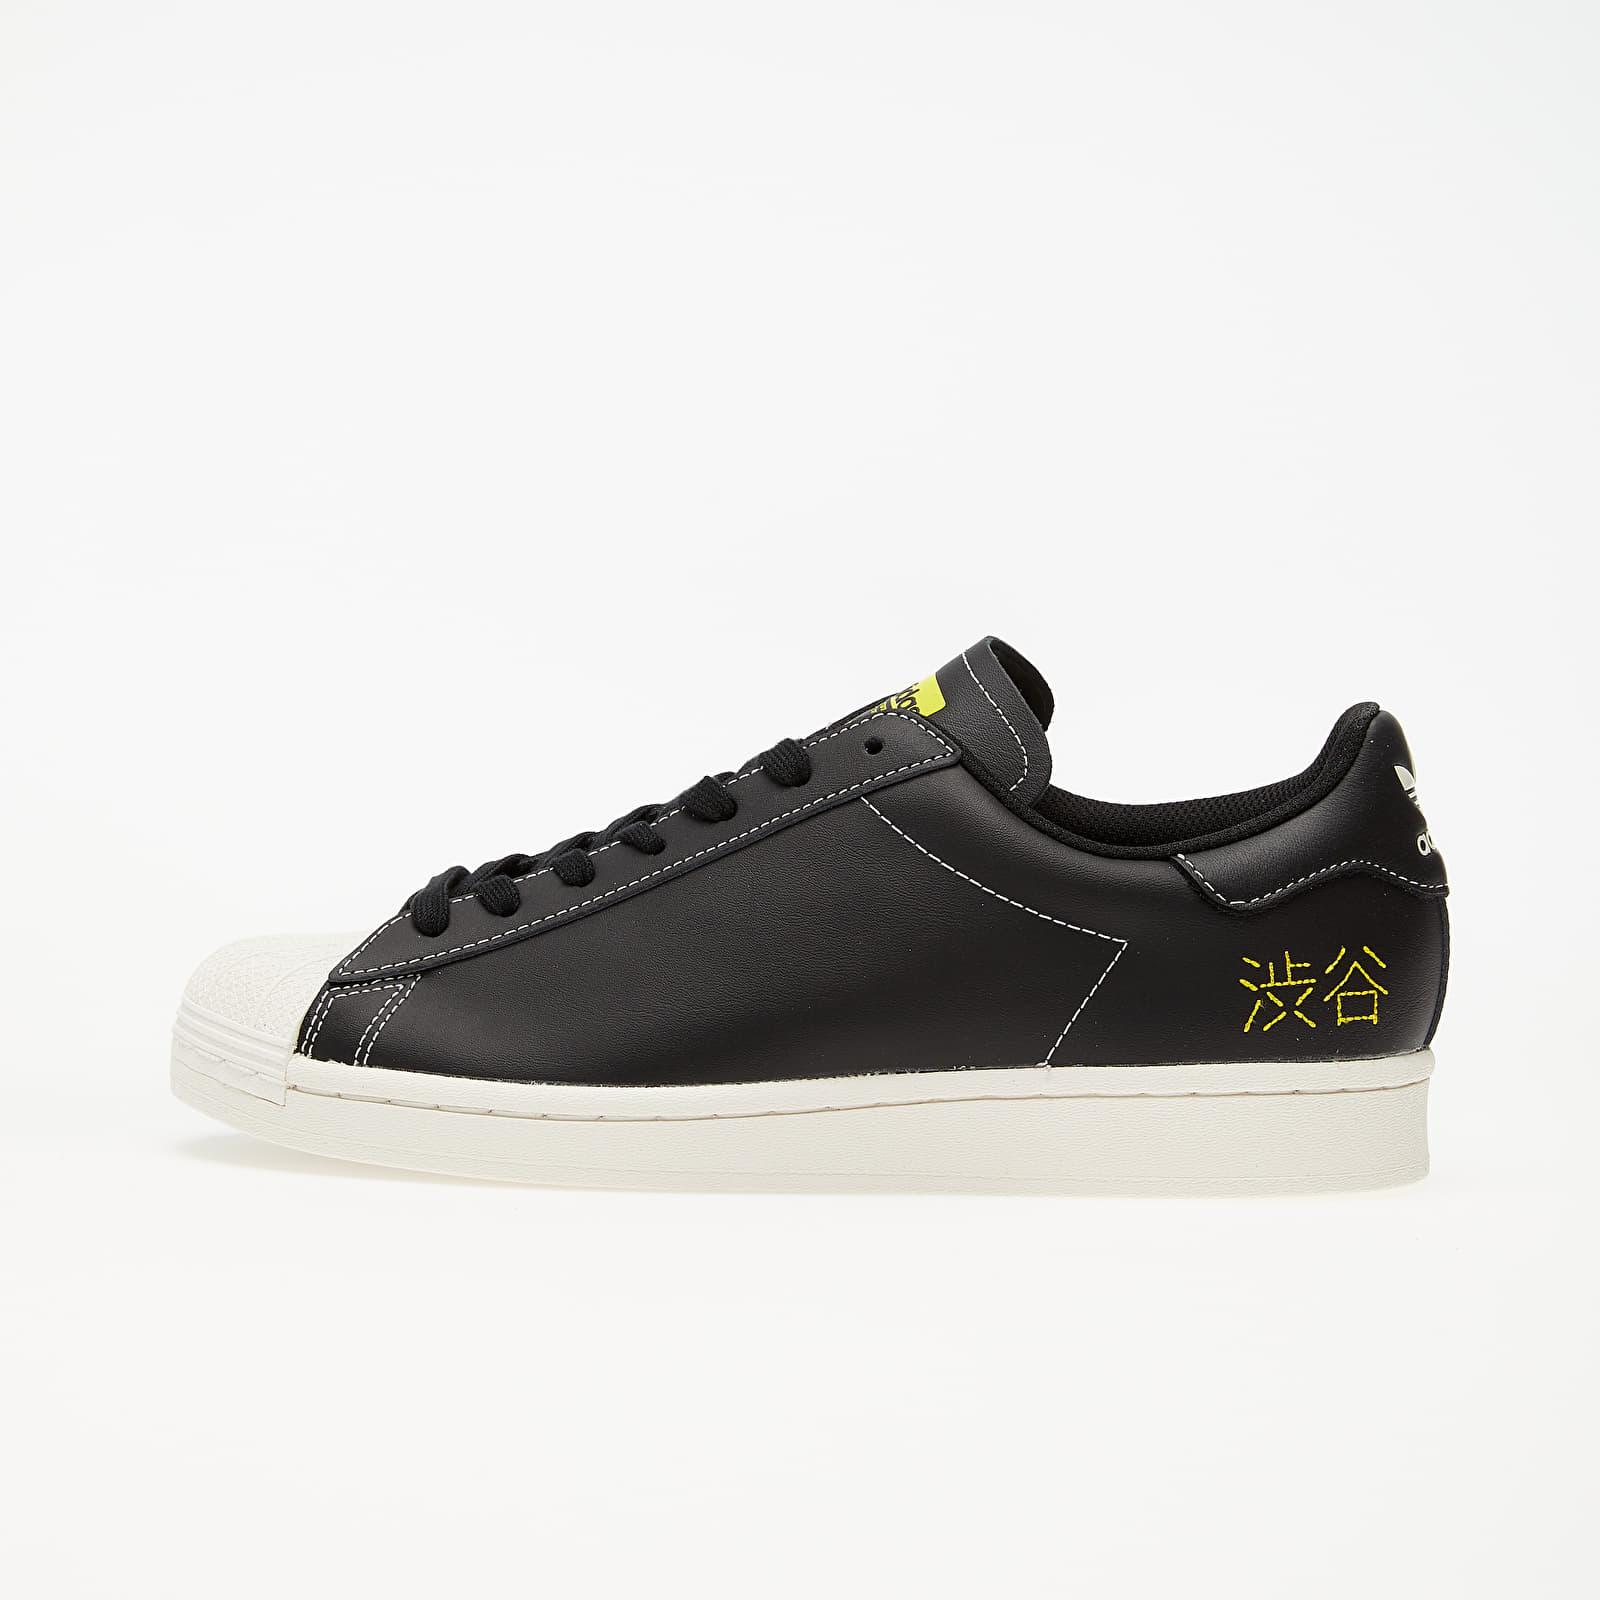 Men's shoes adidas Superstar Pure Core Black/ Core Black/ Core White